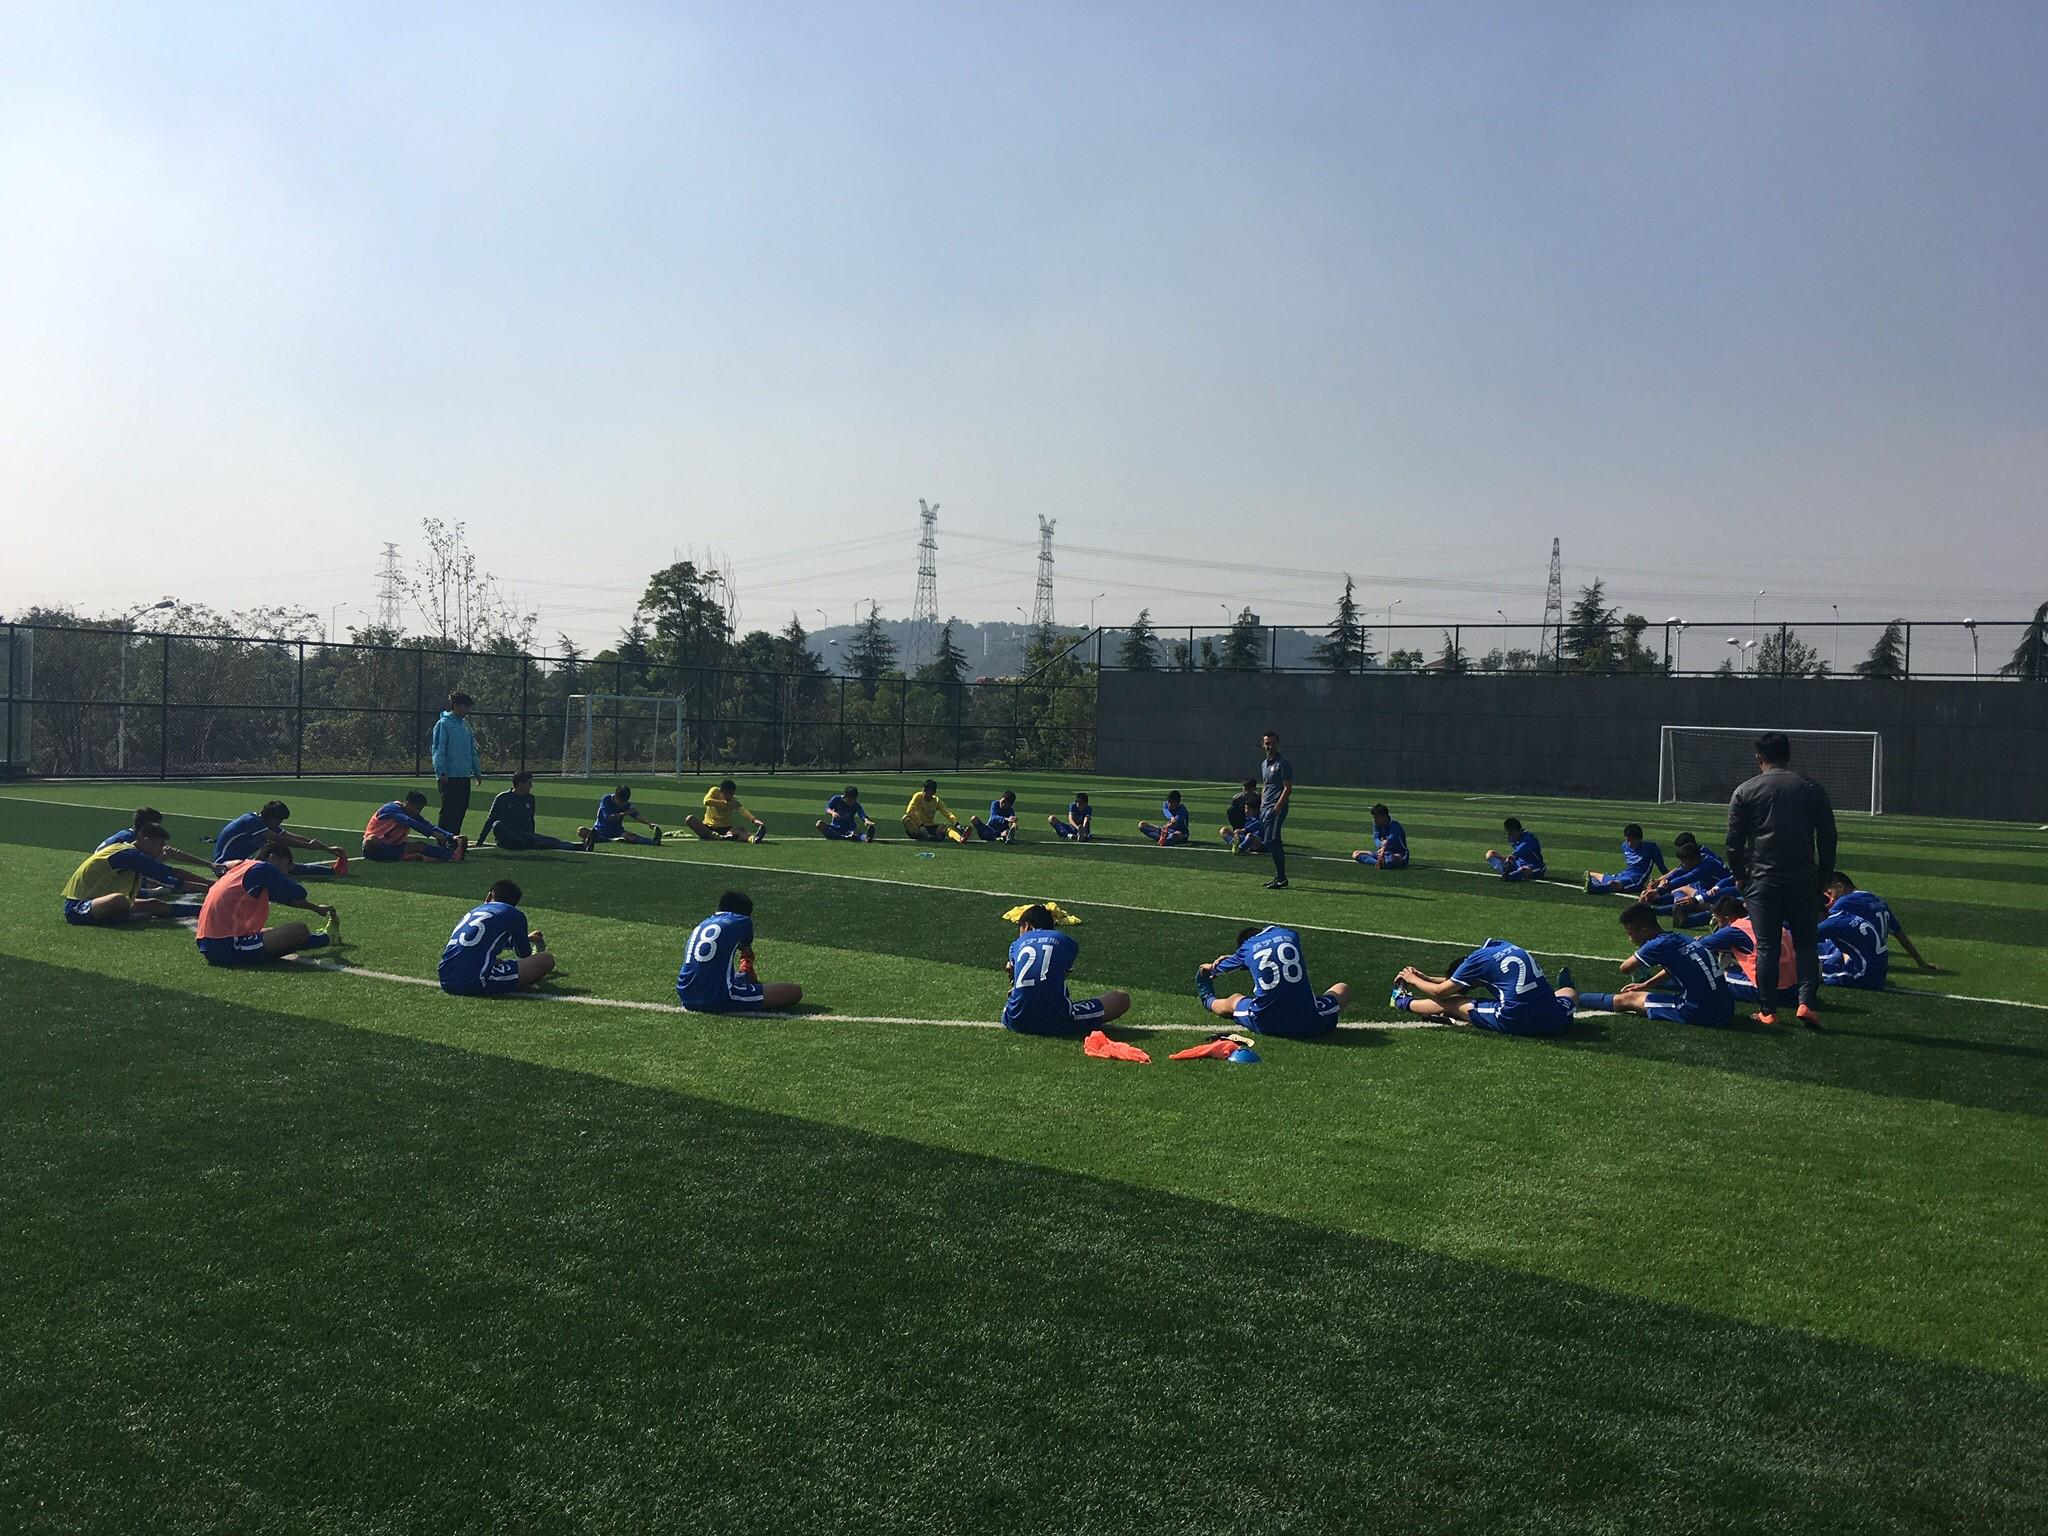 国米青训教练开始带领苏宁U15训练 强调快乐